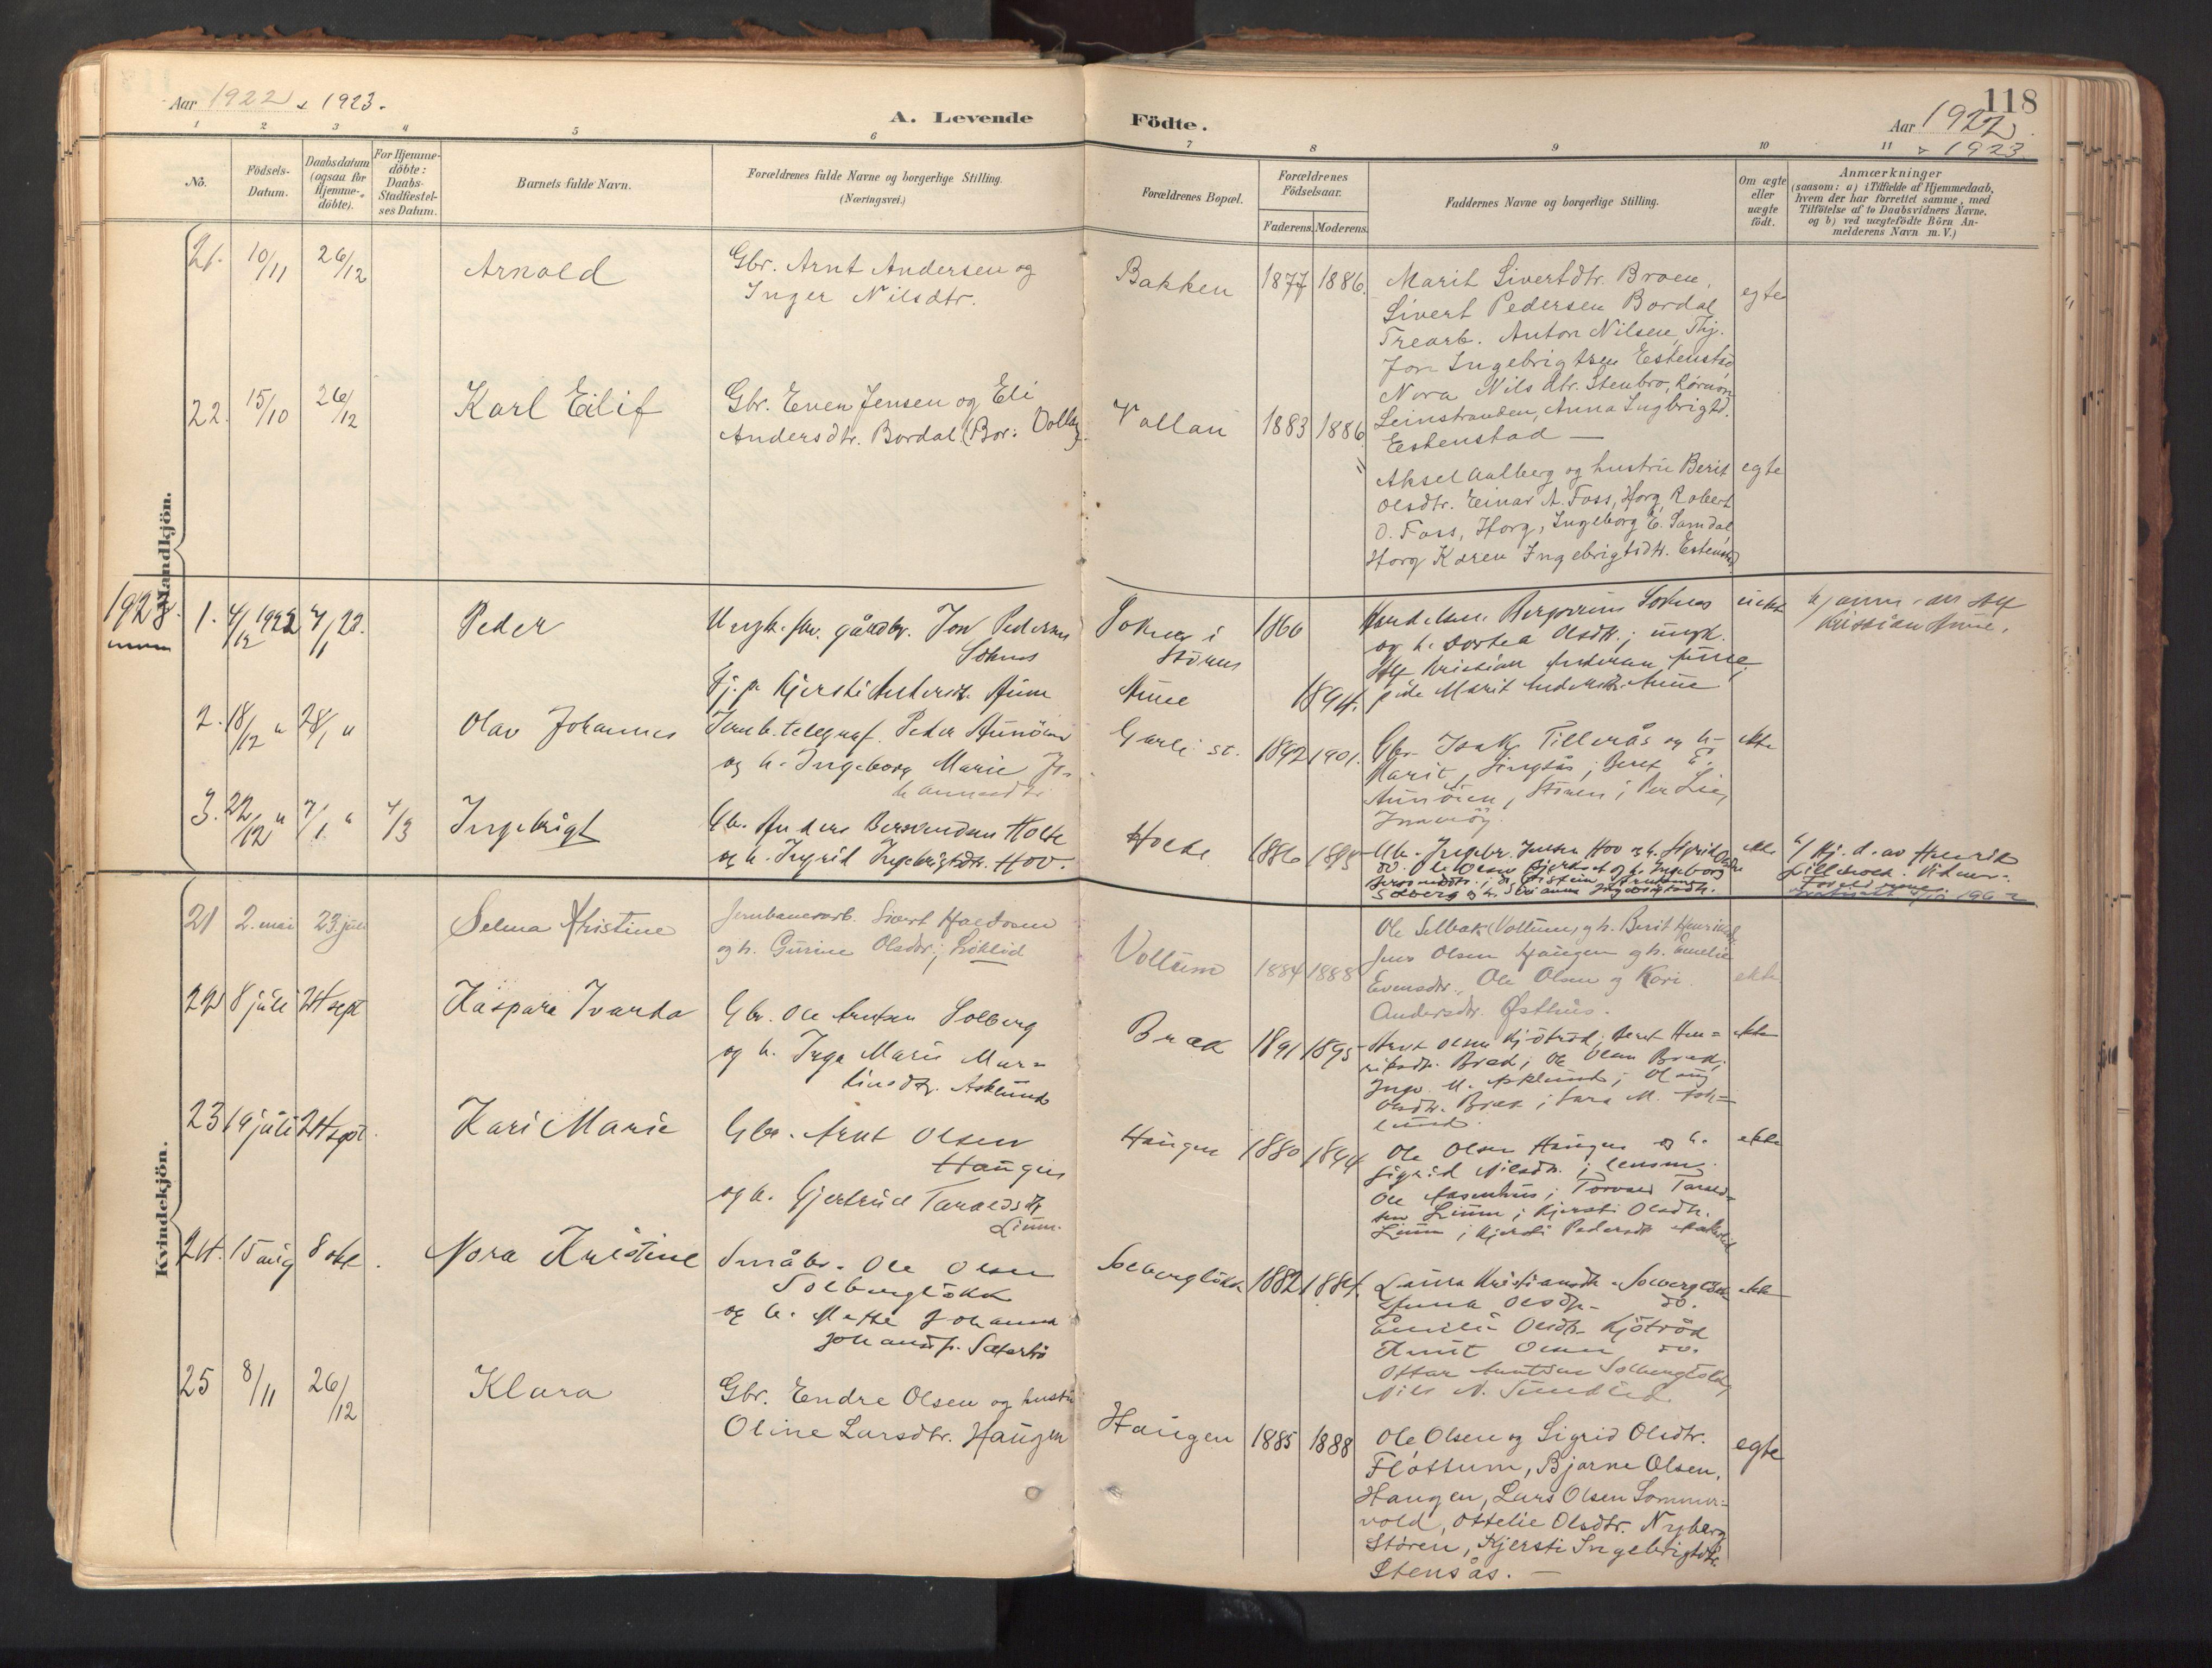 SAT, Ministerialprotokoller, klokkerbøker og fødselsregistre - Sør-Trøndelag, 689/L1041: Ministerialbok nr. 689A06, 1891-1923, s. 118